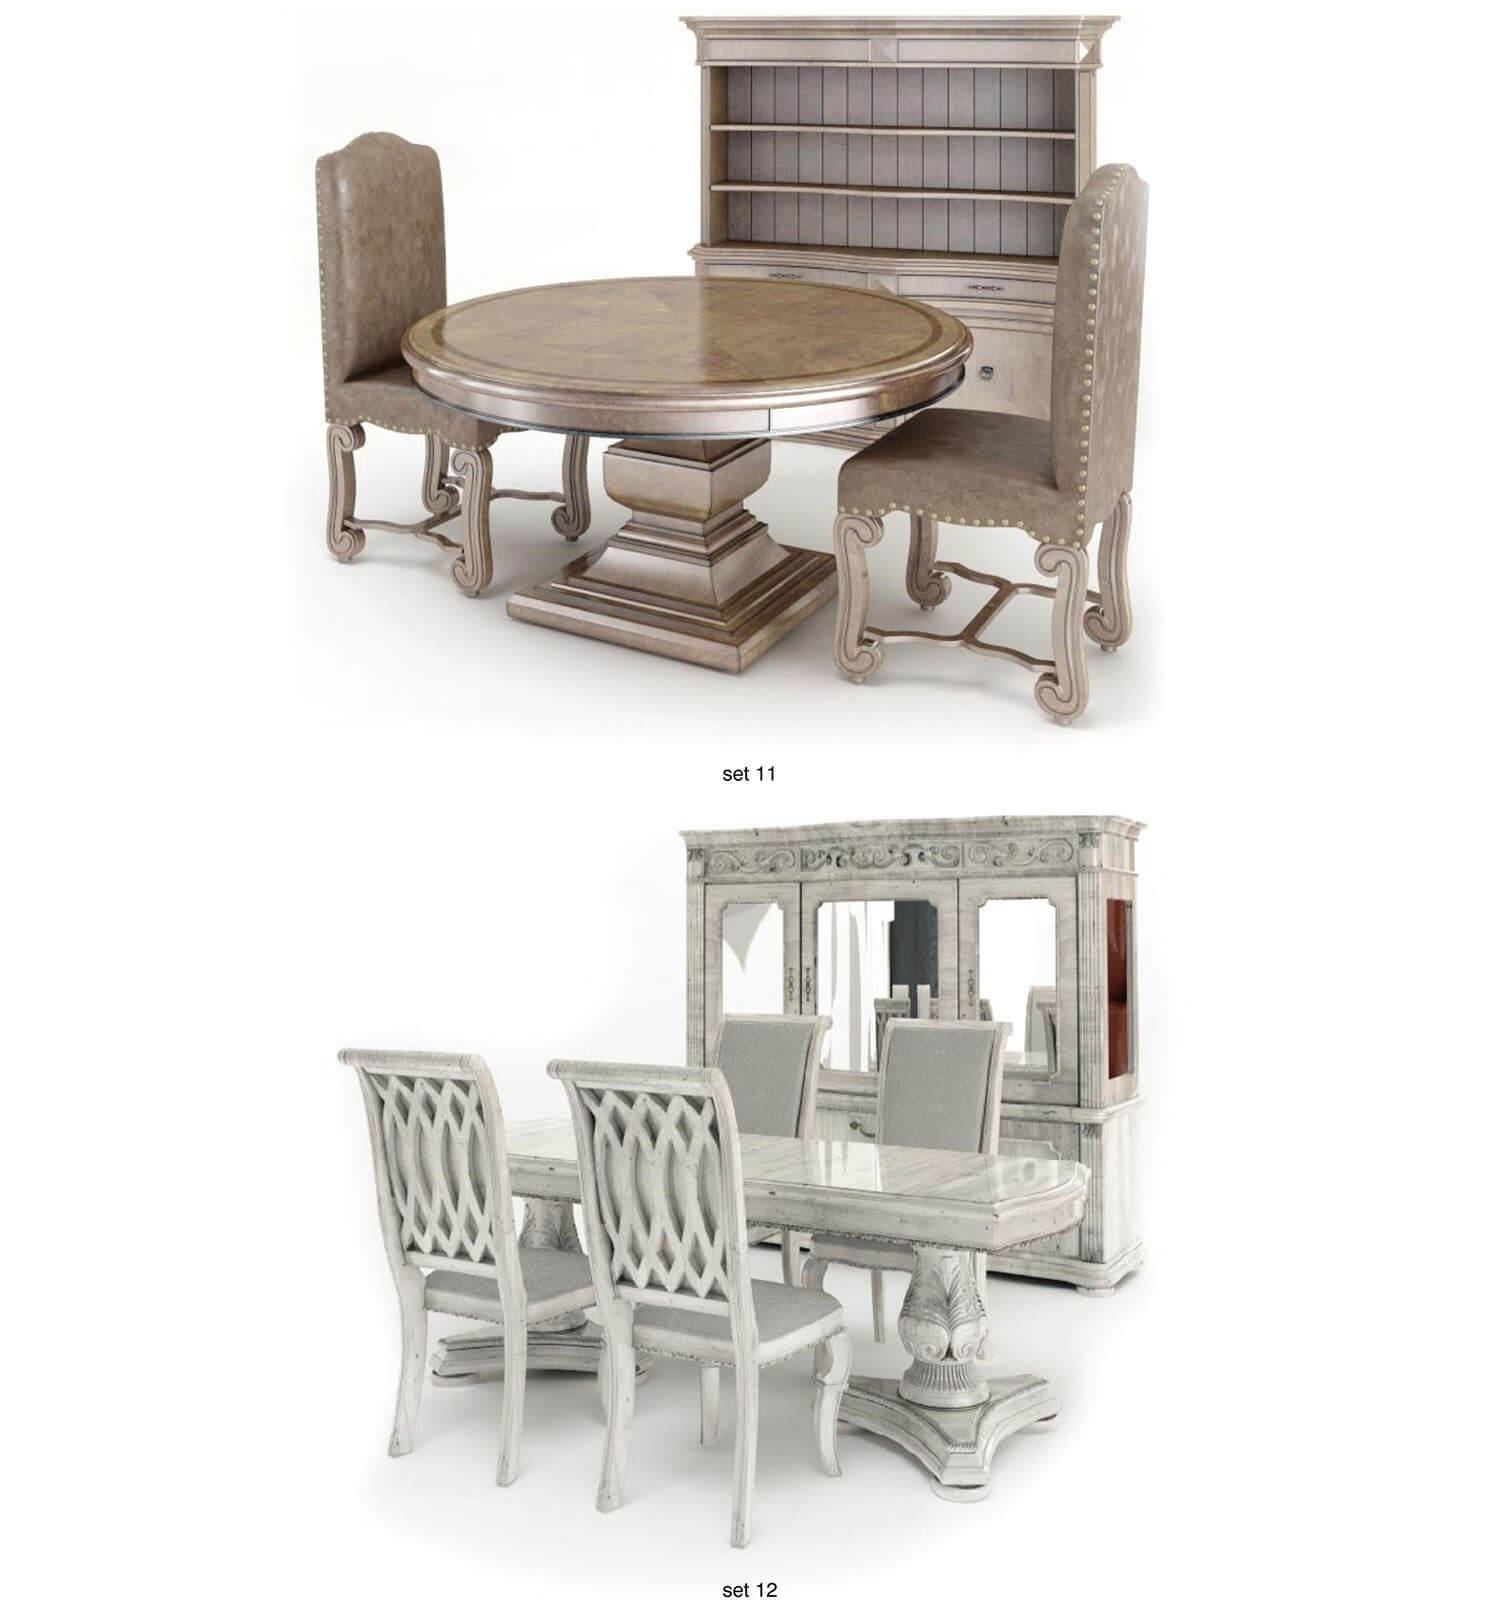 bàn ăn kết cấu bề thế, hoành tráng như cung điện vua chúa